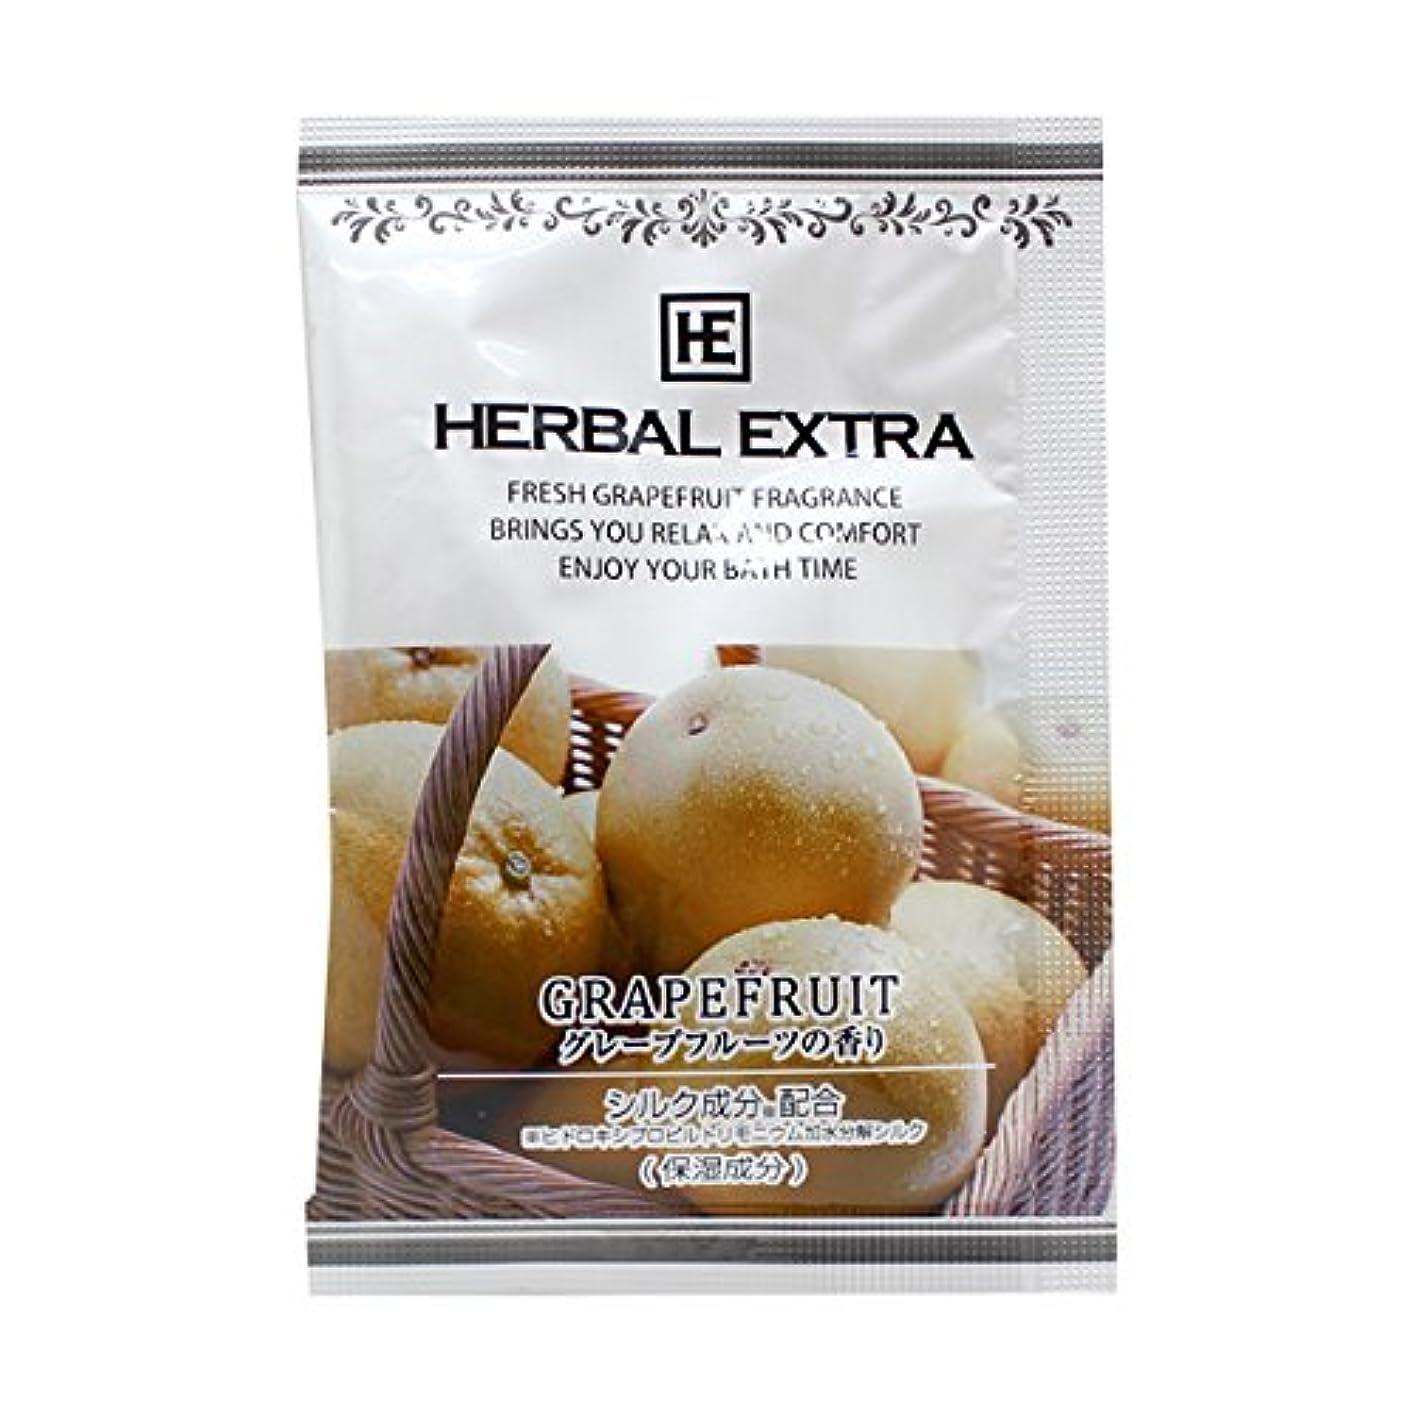 ソブリケット免疫するパーチナシティ入浴剤 ハーバルエクストラ「グレープフルーツの香り」30個